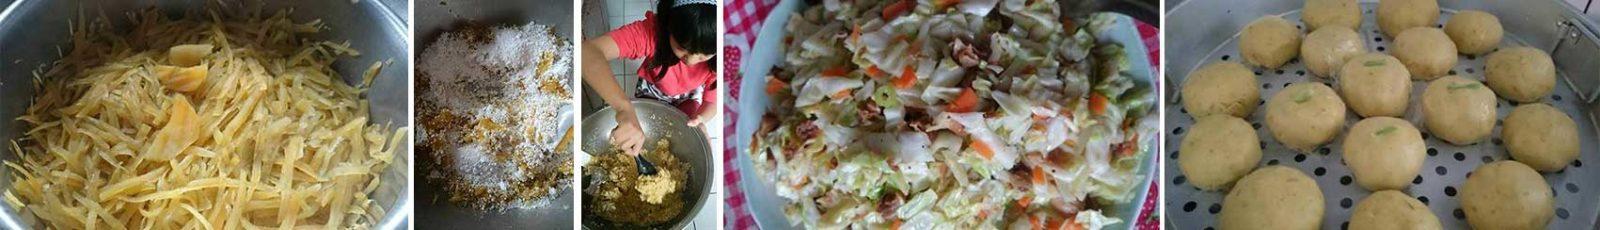 樹薯包製作過程(由左至右)